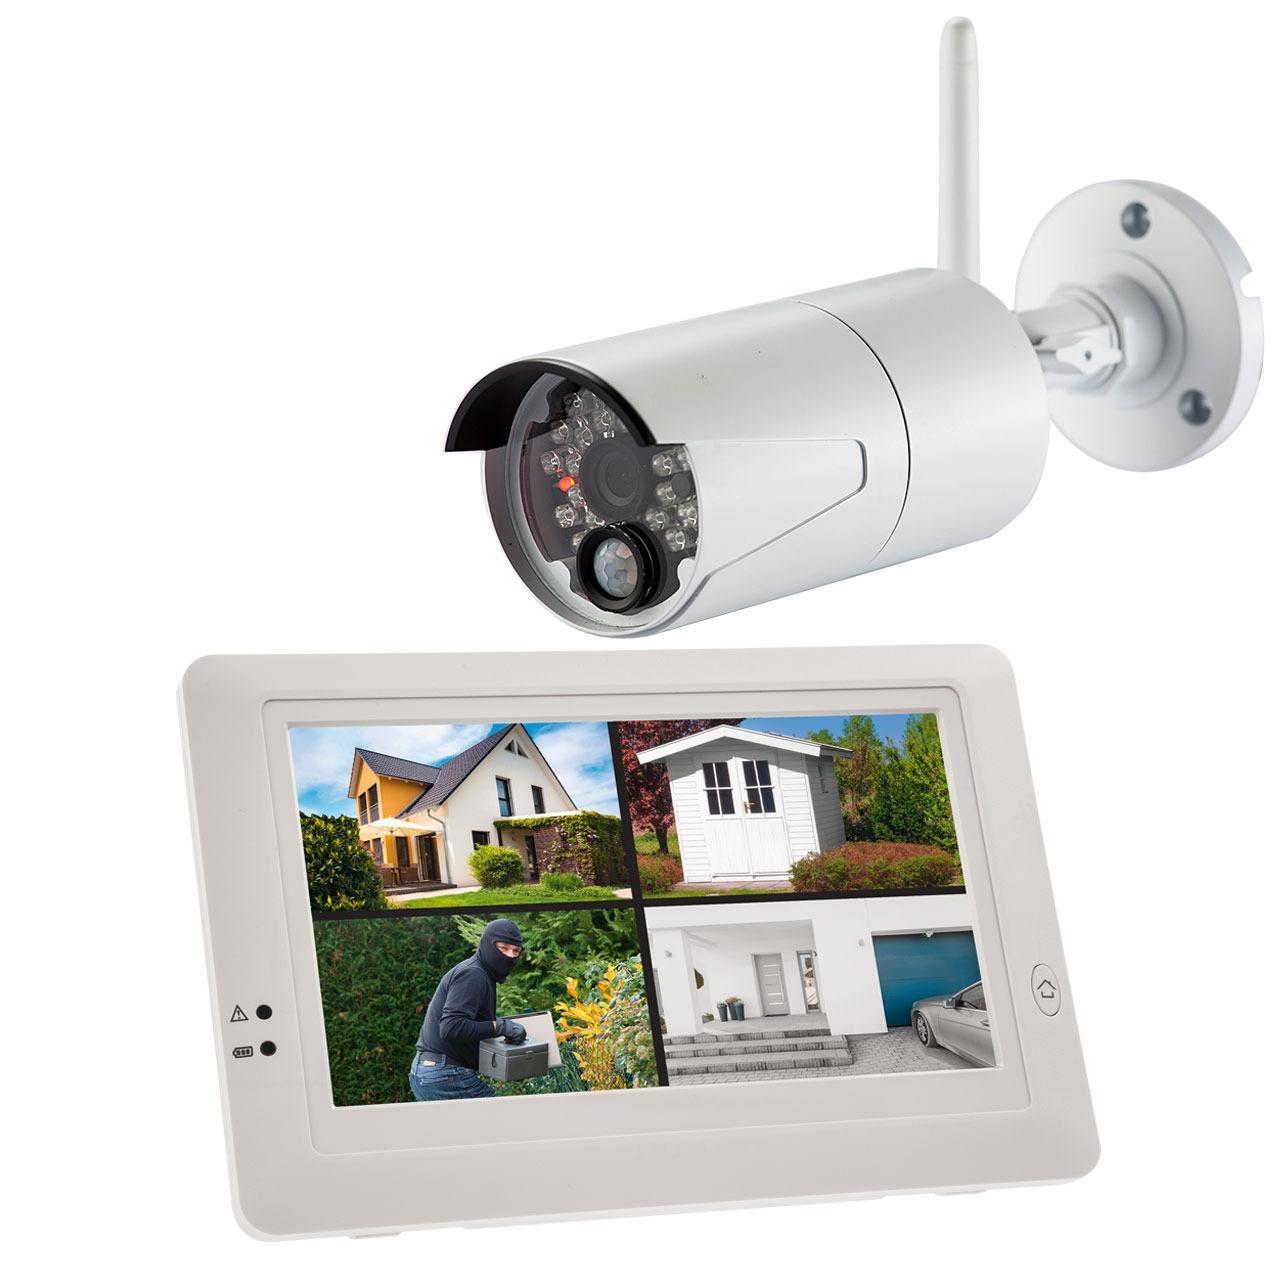 ELV Funk-Kamerasystem KS200 HD, 2,4 GHz, App (iOS & Android), HD (720p)